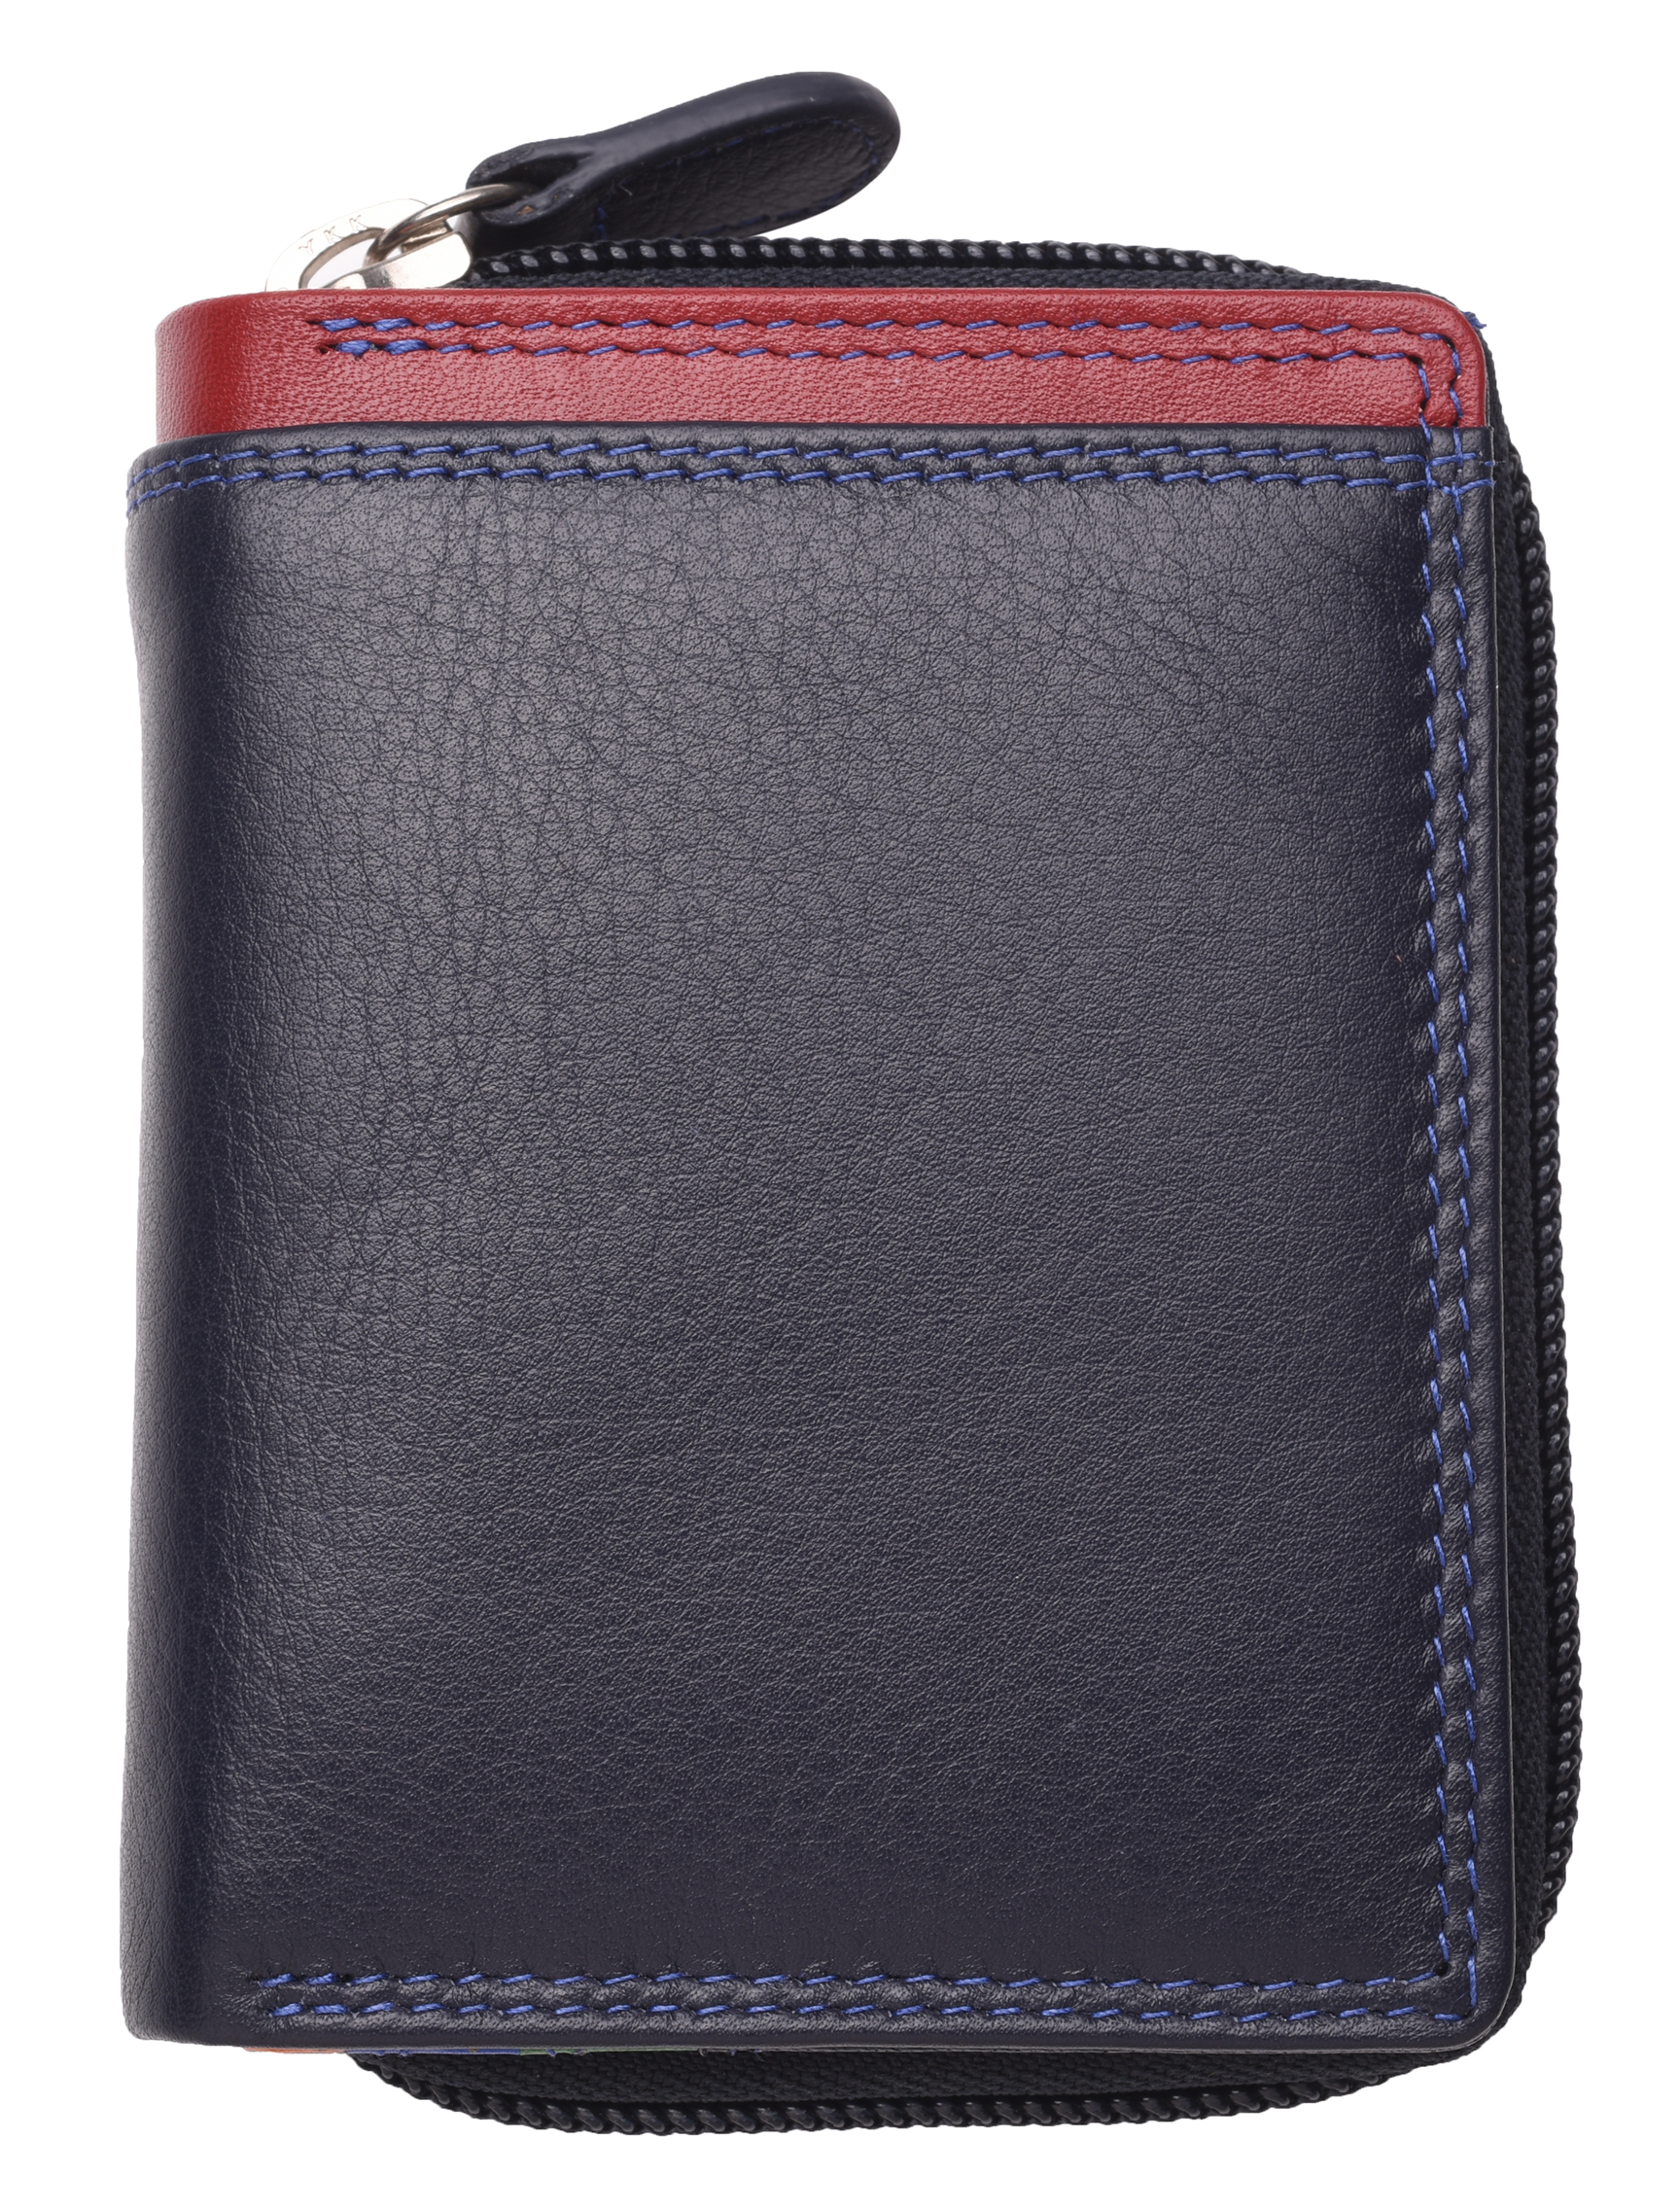 Femme-Femmes-RFID-Bloquant-en-Cuir-Veritable-Petit-Sac-a-main-portefeuille-vert-rose-rouge miniature 21